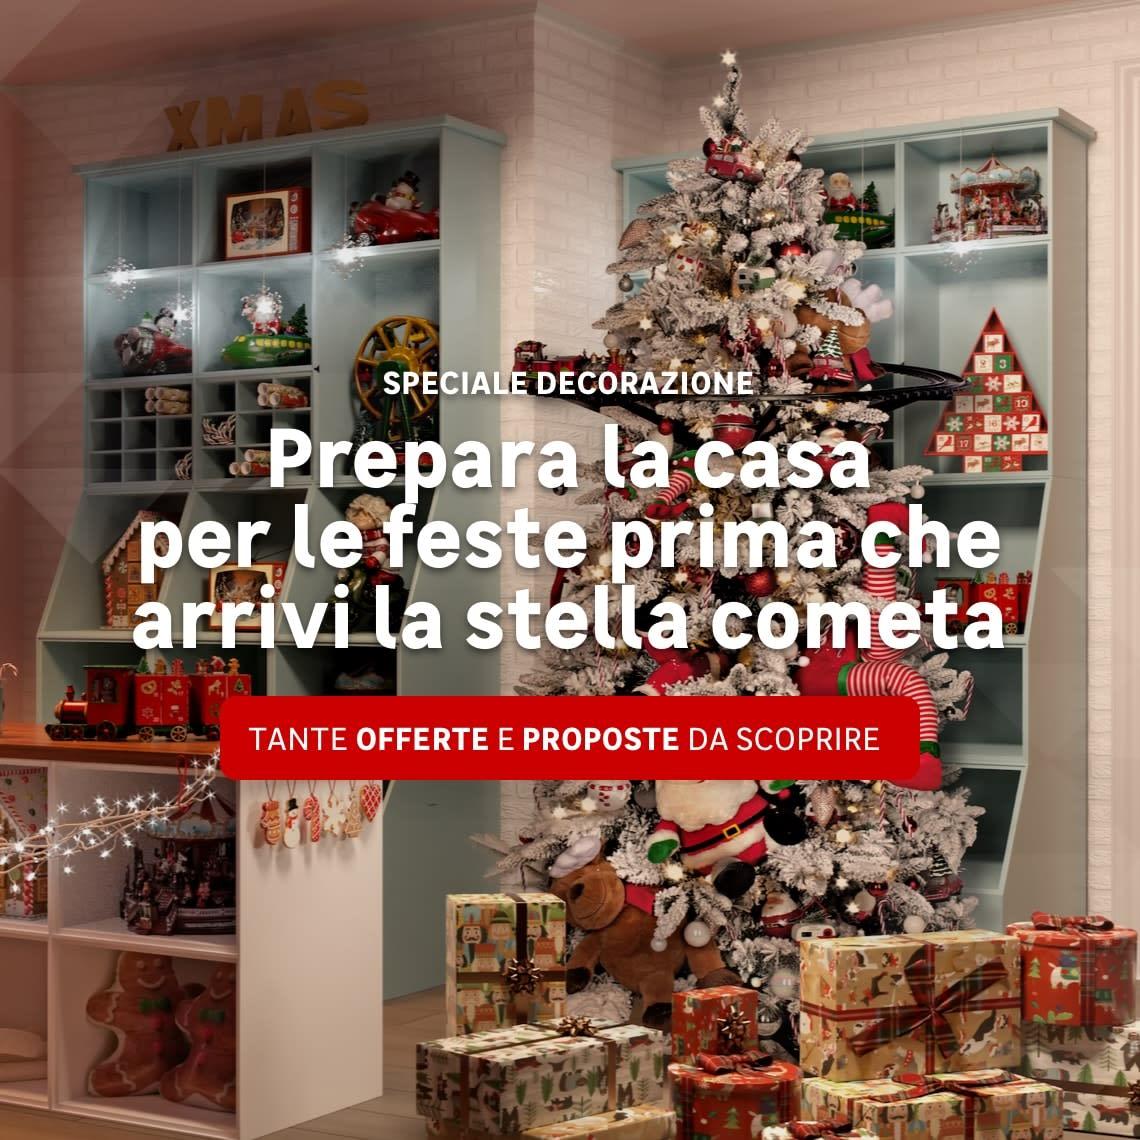 Opecom Speciale Decorazione: focus Natale